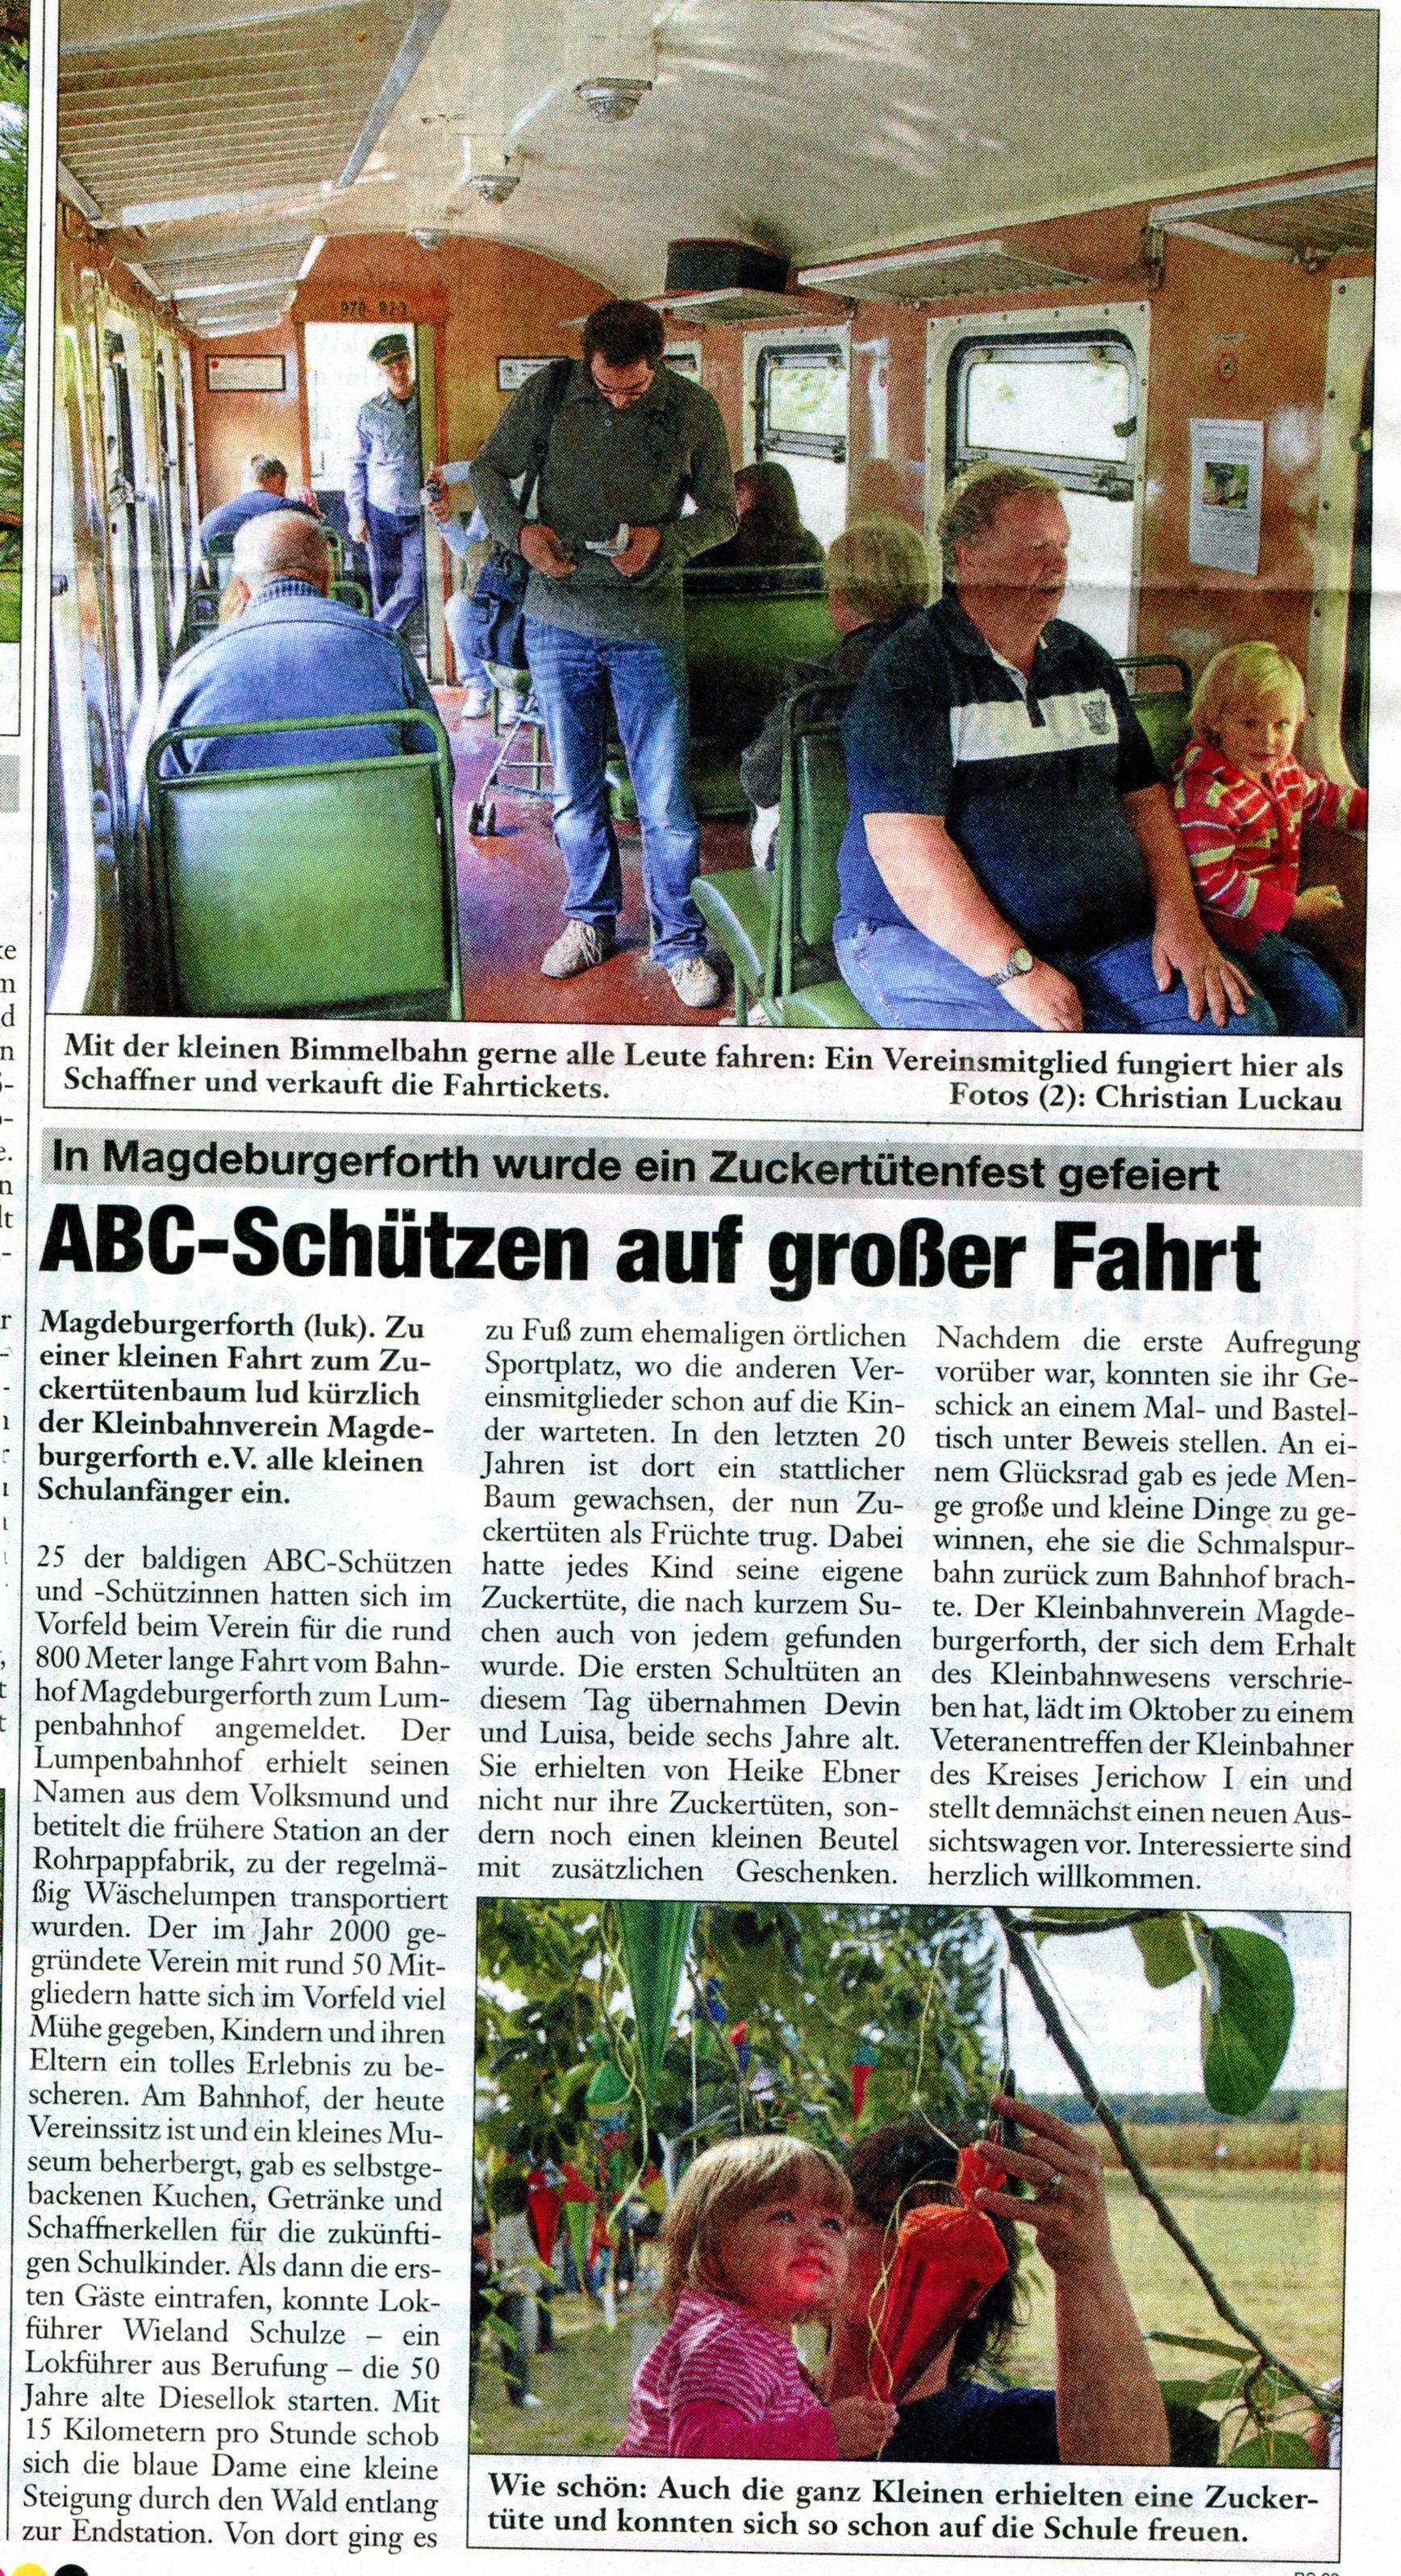 (Burg Spiegel 09.09.2012)